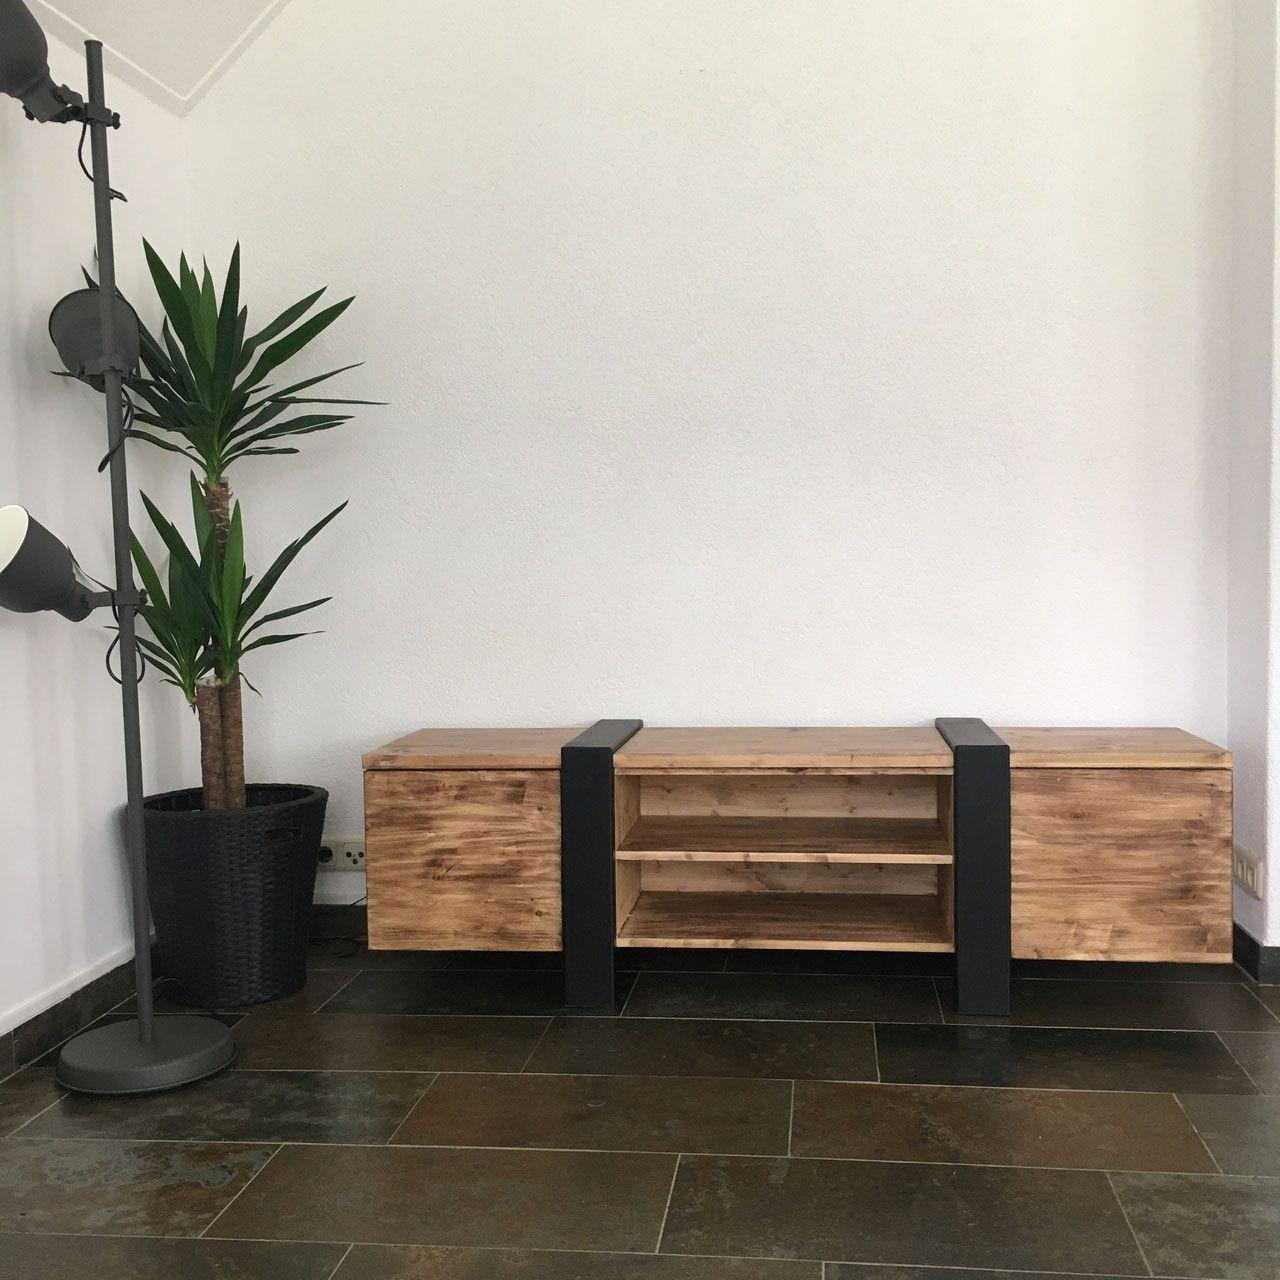 Tv Meubel Zwart Staal.Tv Meubel Speciaal Van Staal En Old Wood In 2019 Homestead